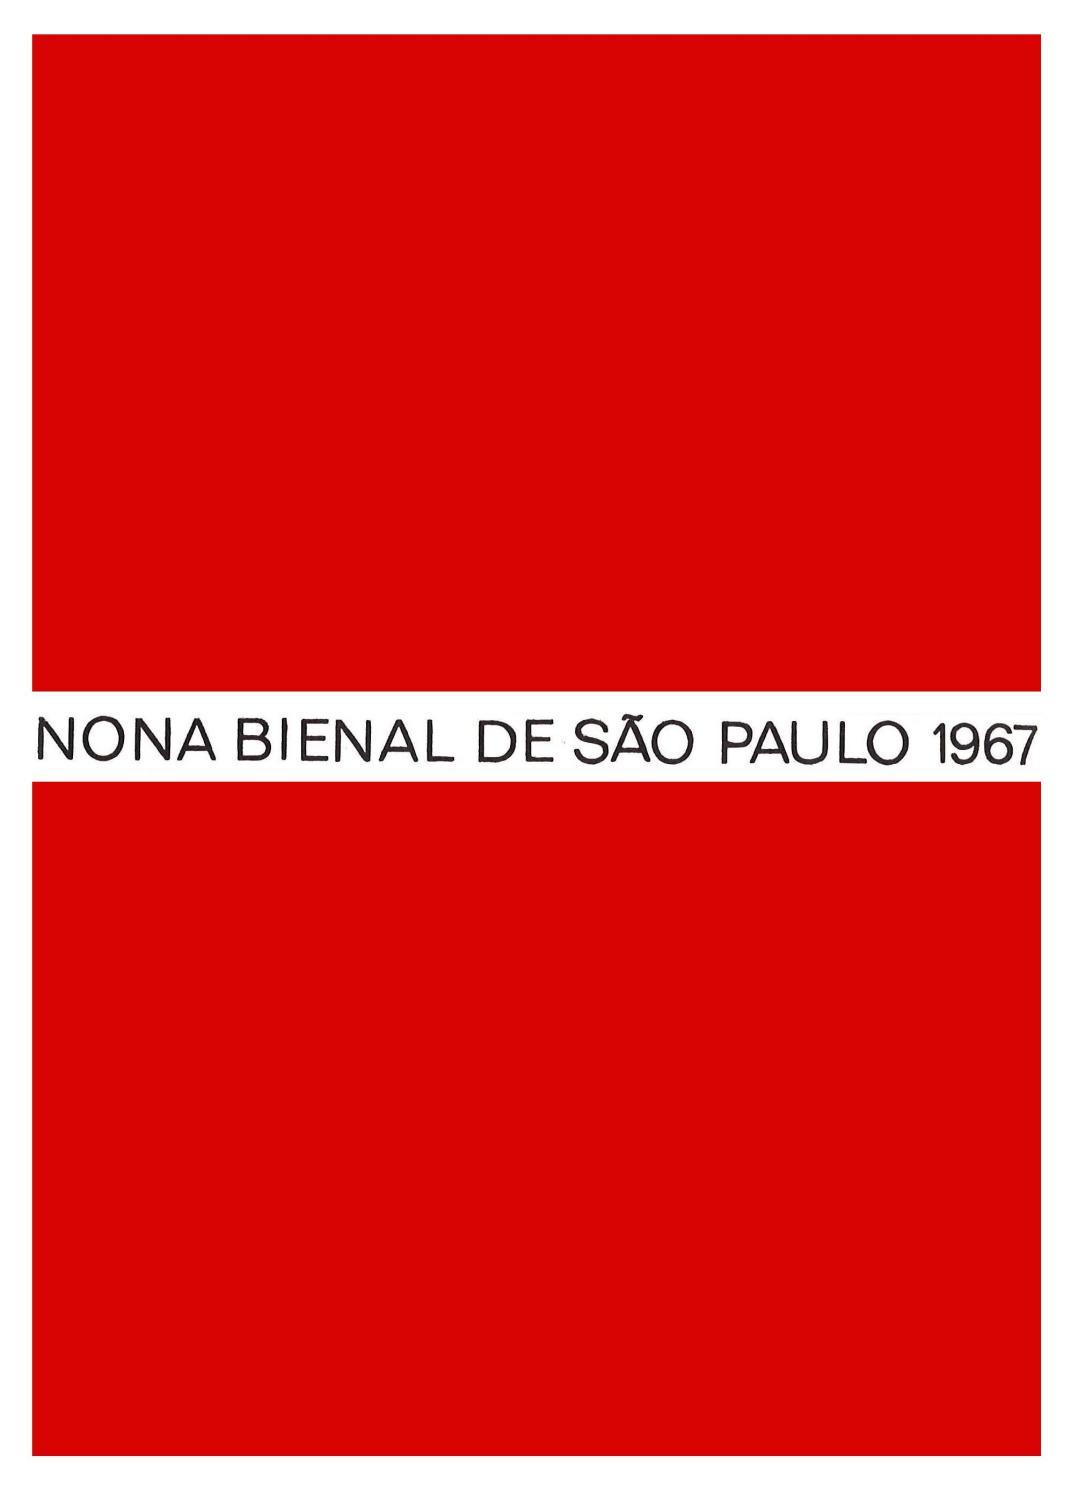 da2eac05ce8ab 9ª Bienal de São Paulo (1967) - Catálogo by Bienal São Paulo - issuu